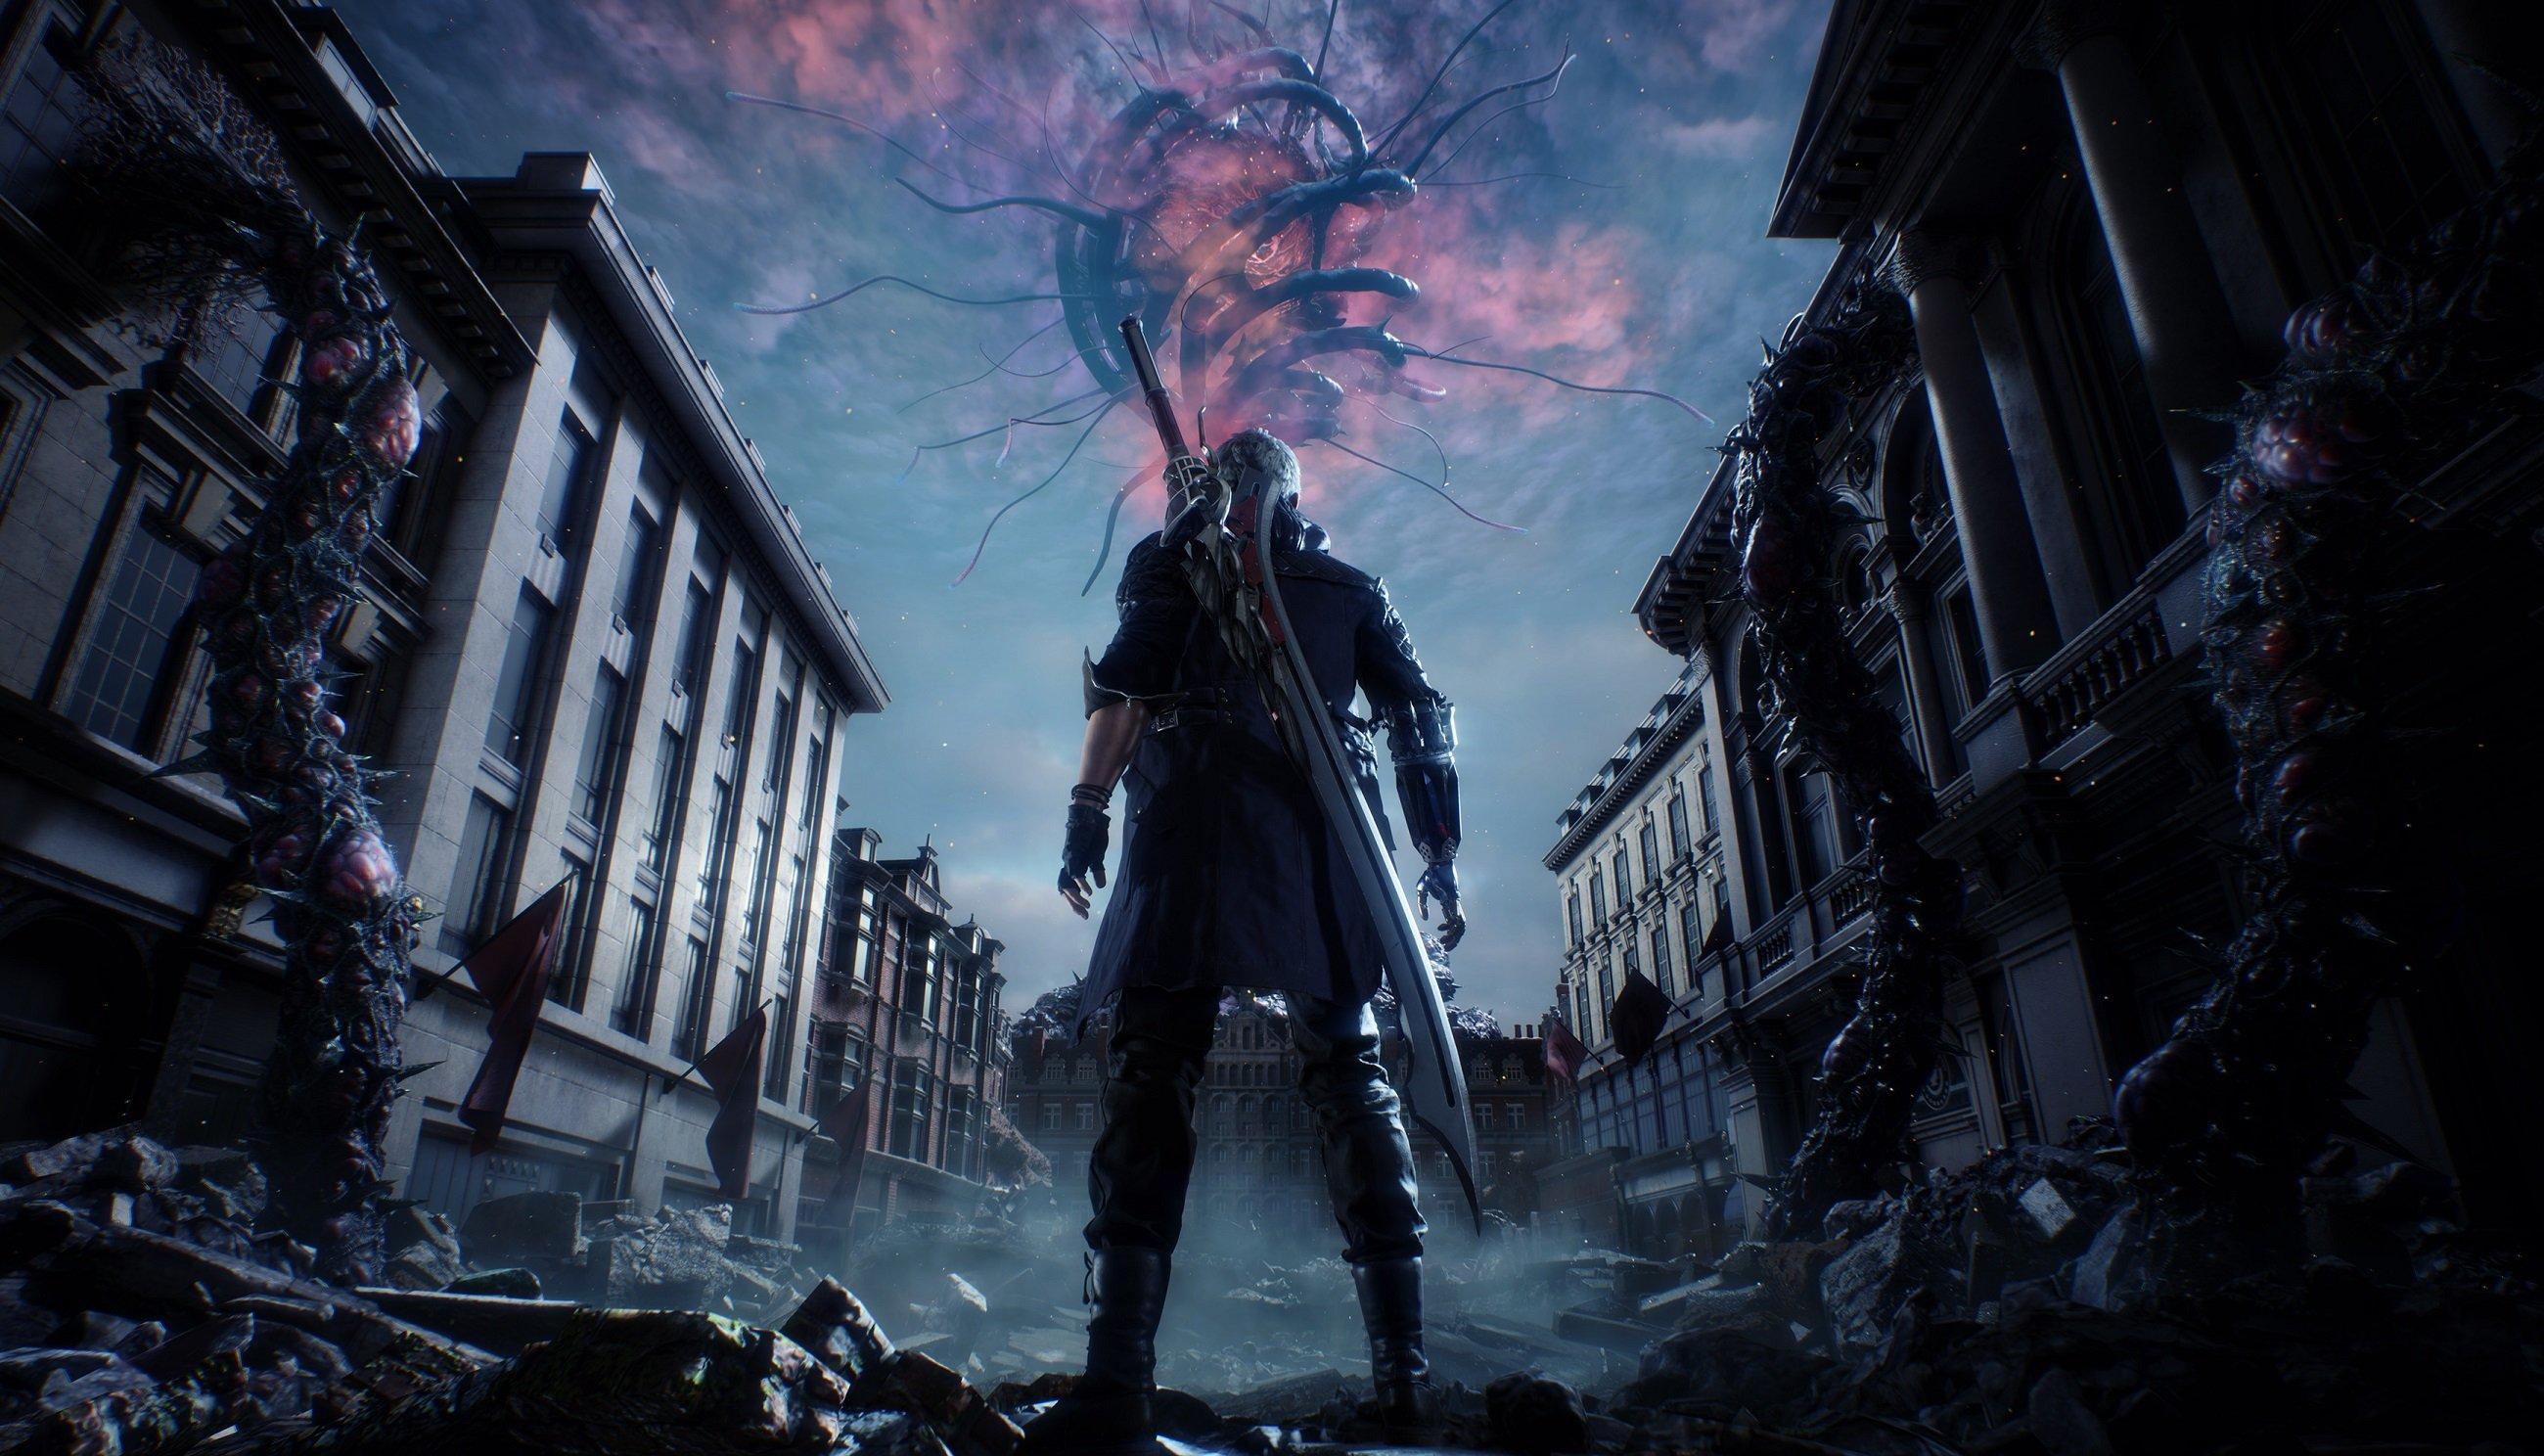 Devil May Cry 5 obtient la date de sortie officielle, nouveaux détails de gameplay